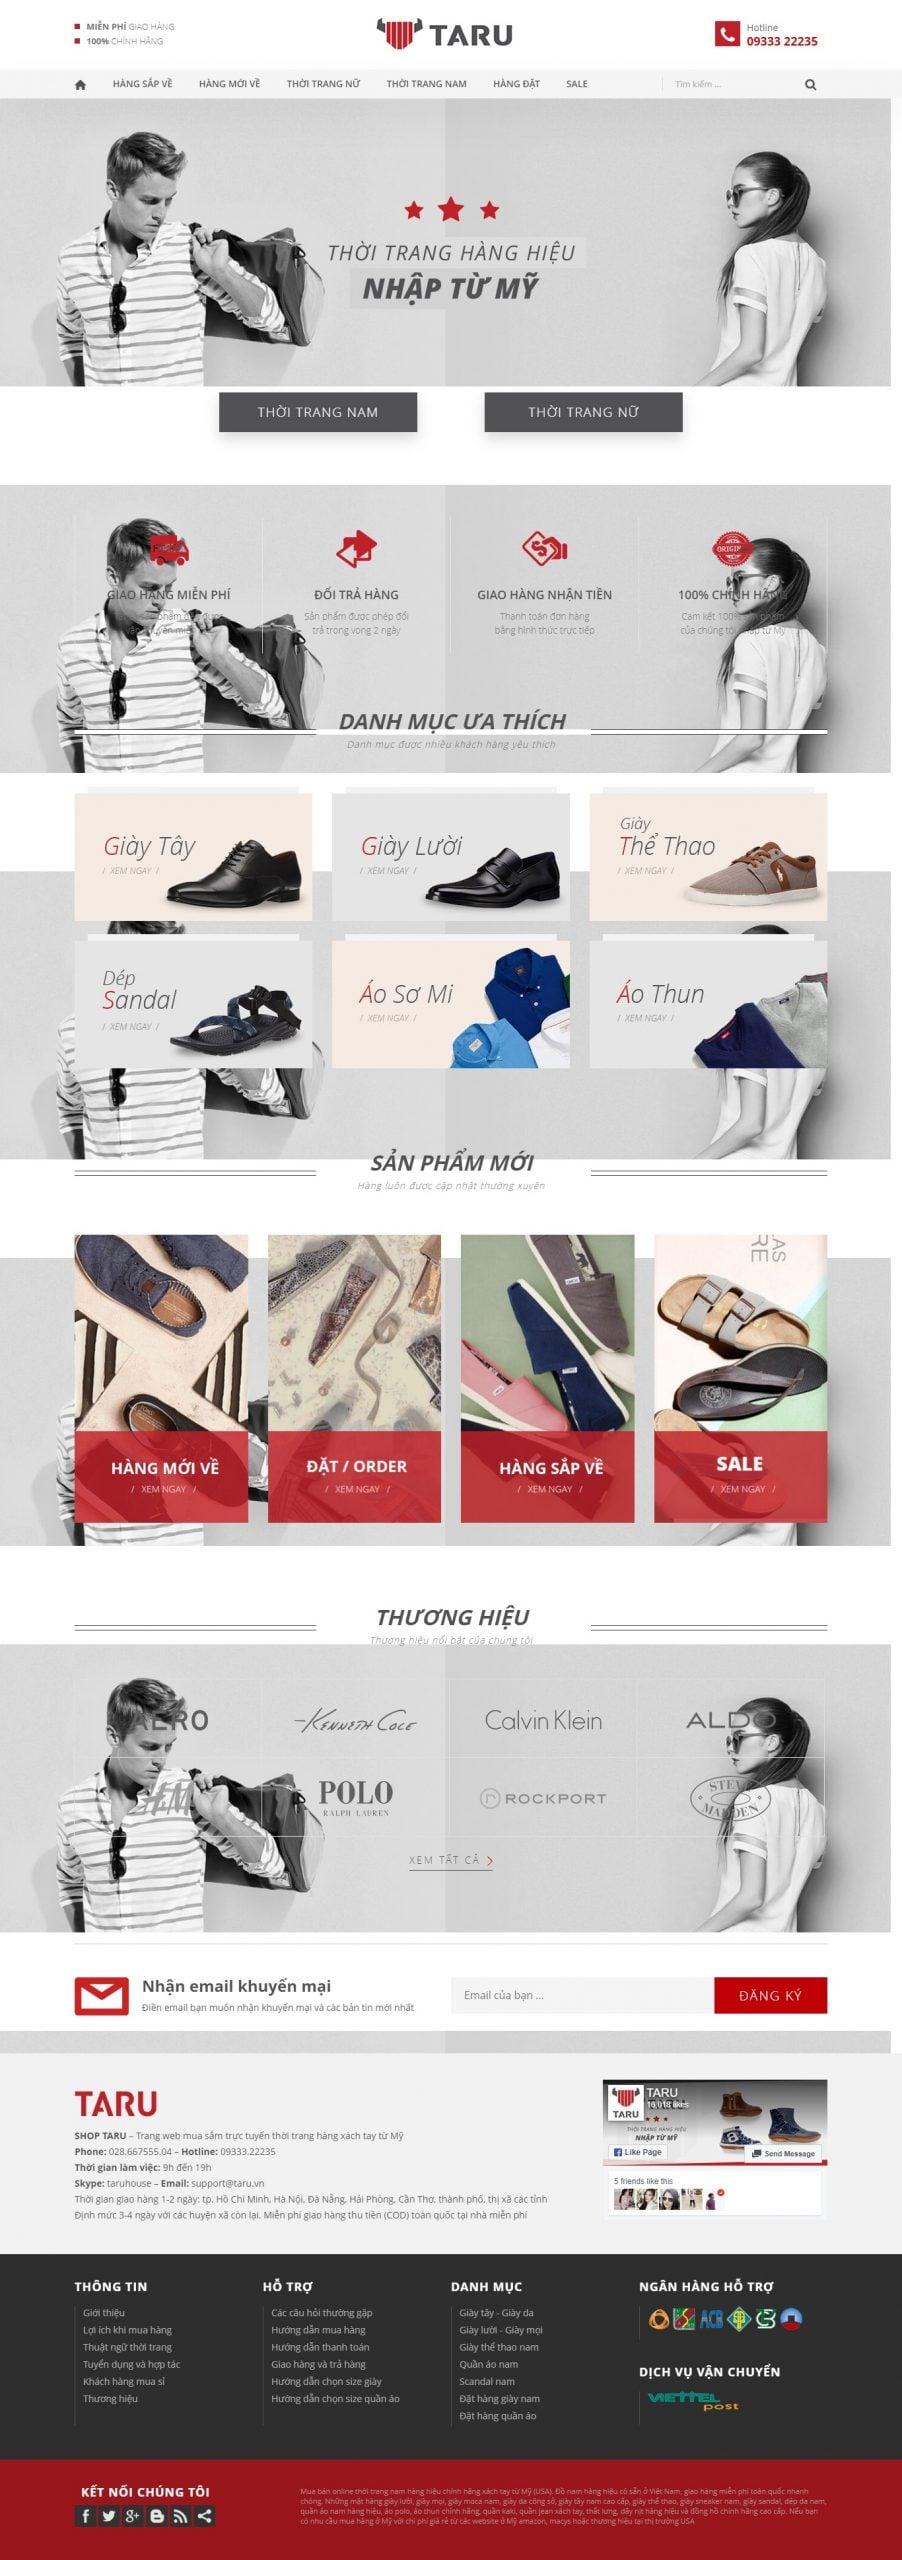 Mẫu thiết kế website bán hàng – taru.vn Thời trang giày dép hàng hiệu đồ cao cấp hàng xách tay từ Mỹ